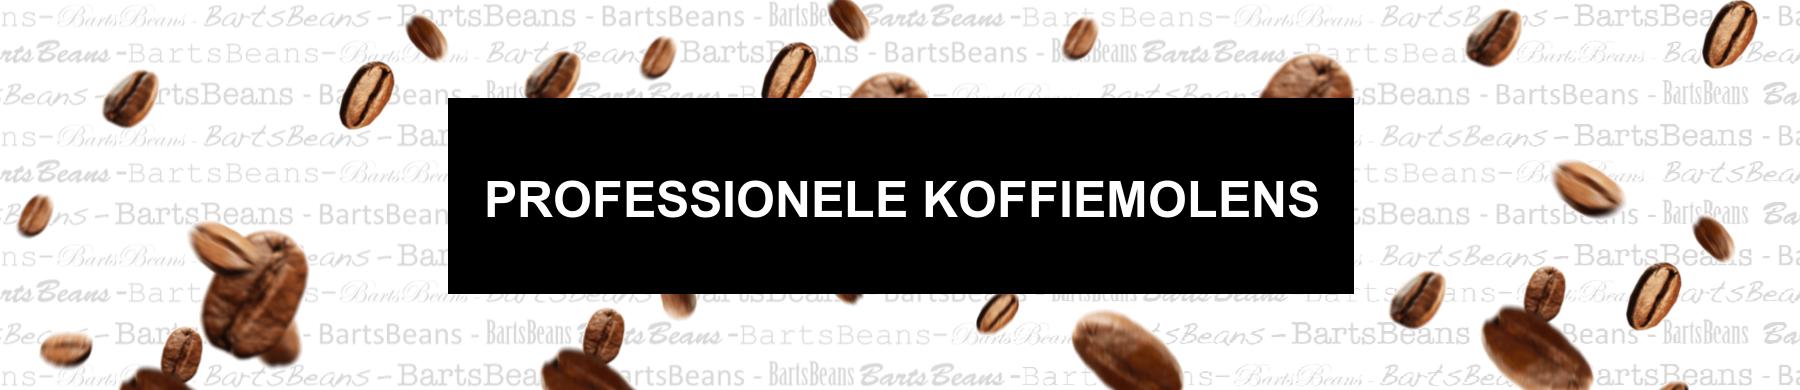 bartsbeans- koffiemolen banner